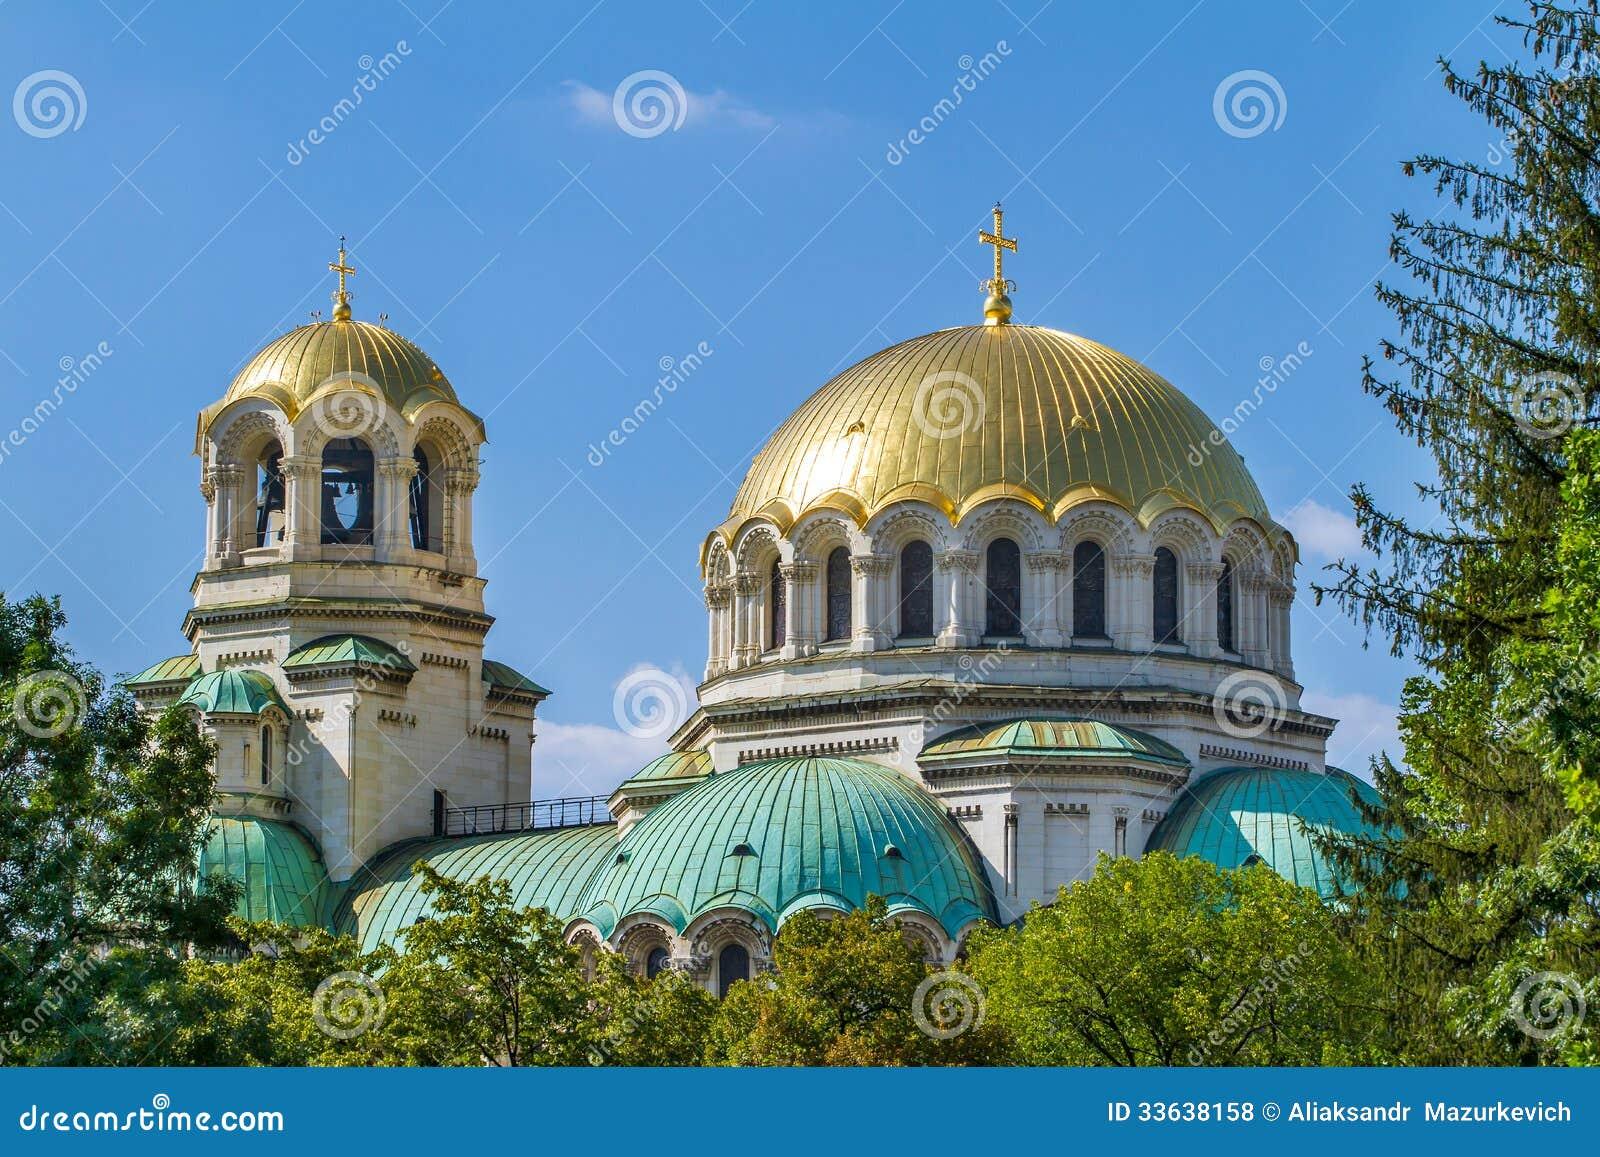 El St. Alexander Nevsky Cathedral